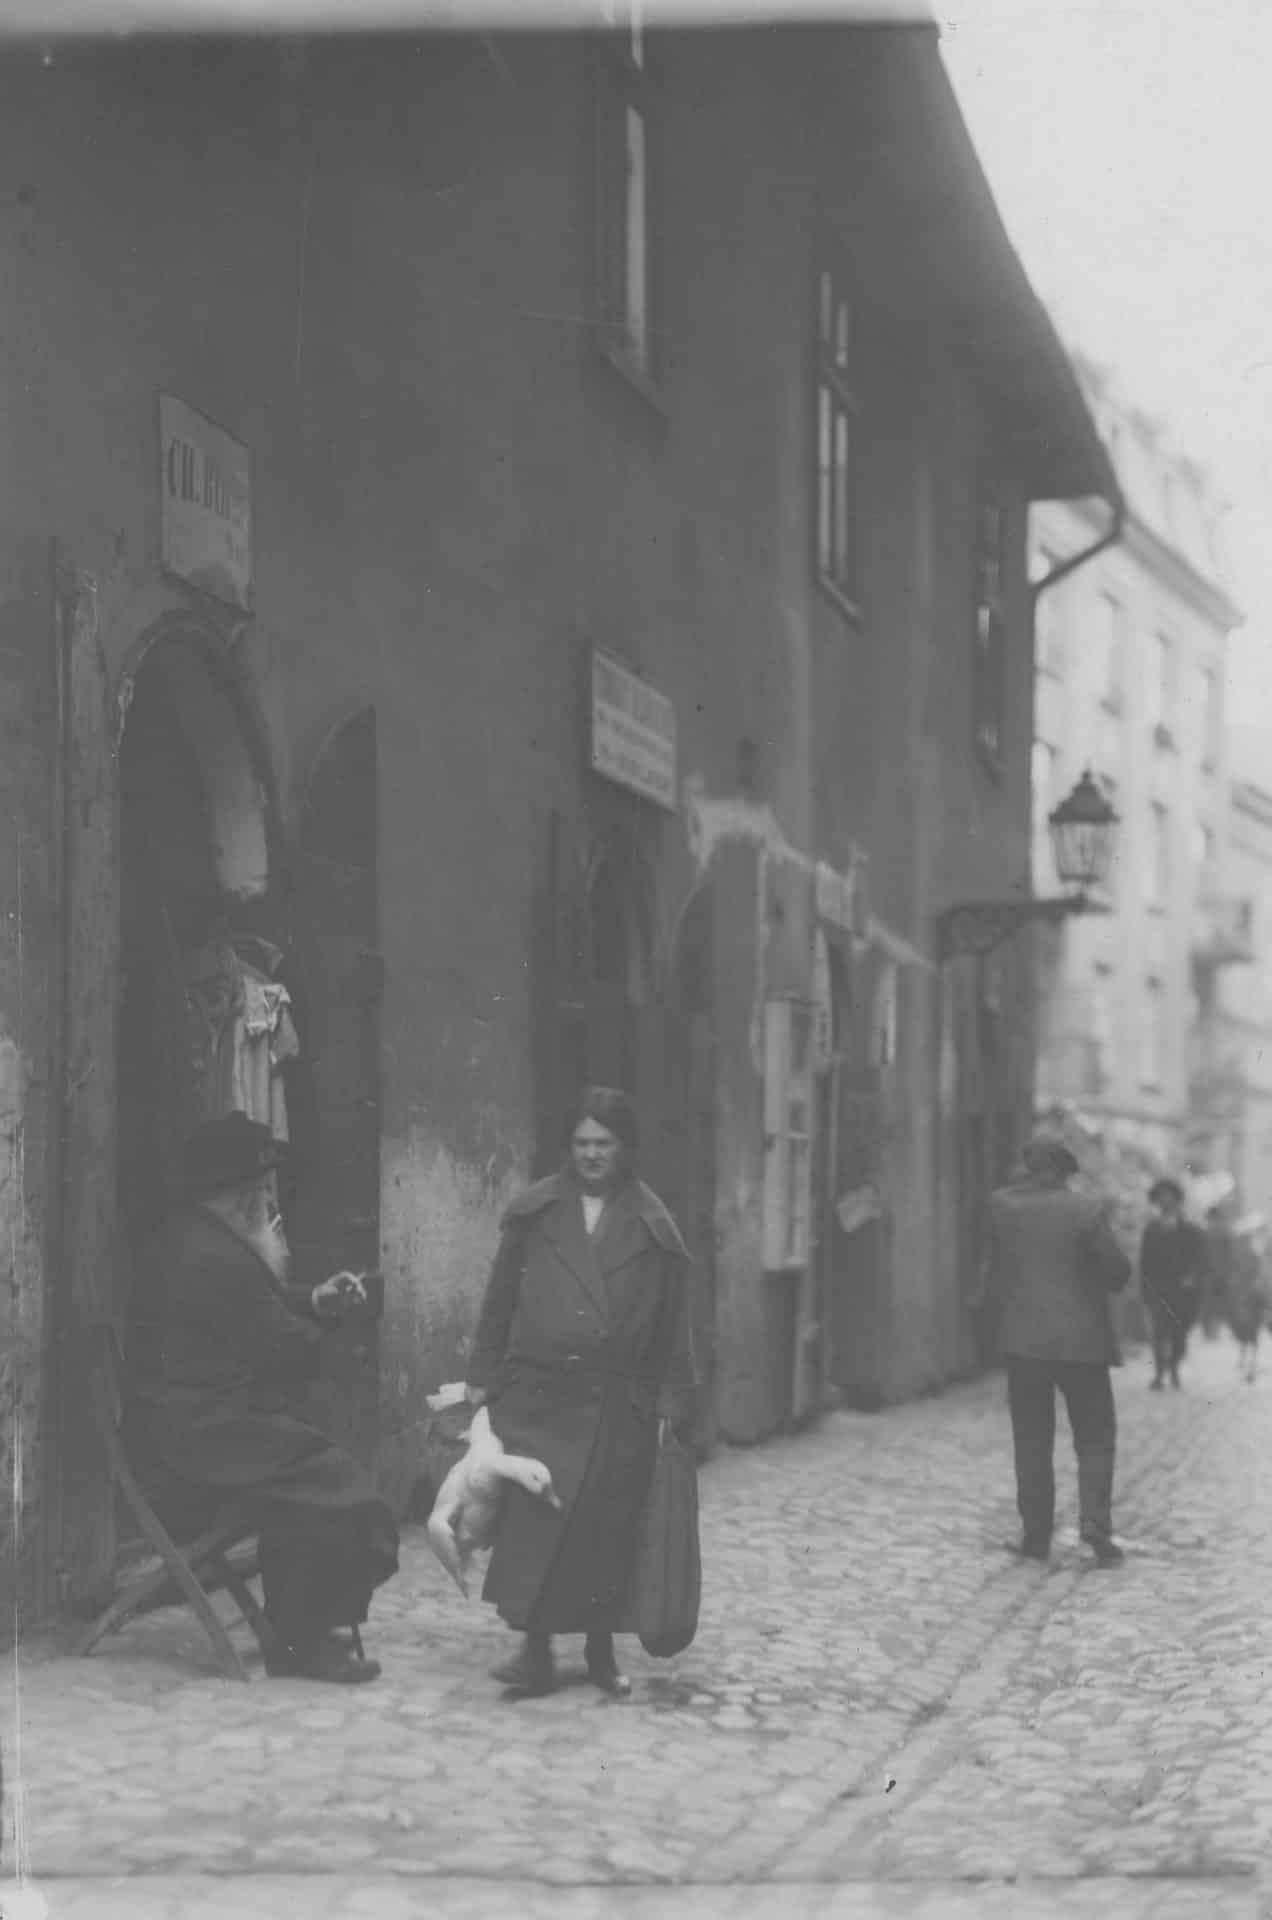 Zdjęcie zrobiono w 1926 roku. Źródło: Narodowe Archiwum Cyfrowe.